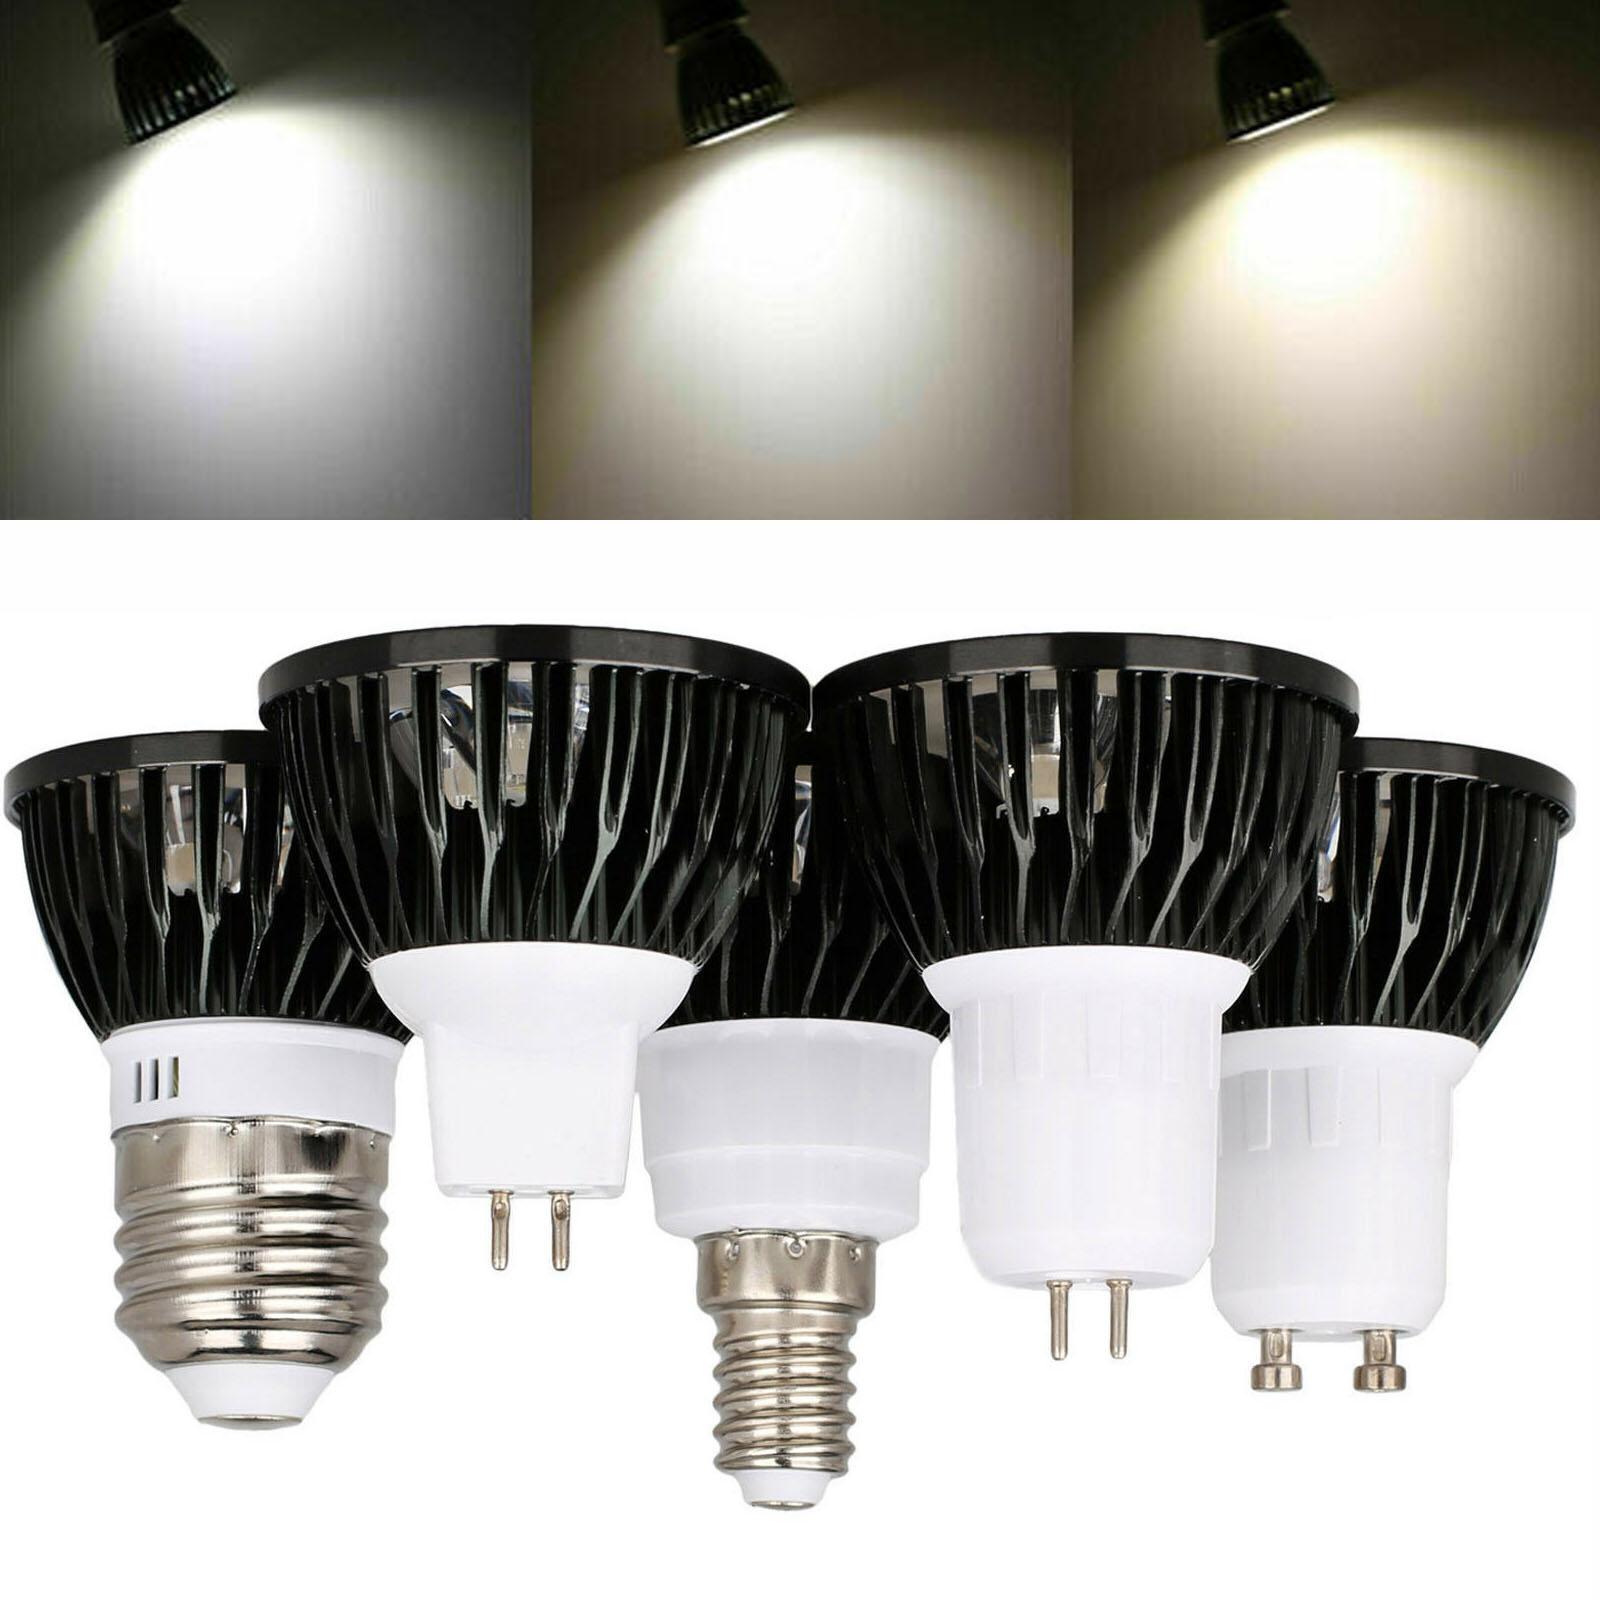 LED Lampada 9W 12W 15W GU10 MR16 GU5.3 E27 E26 E12 B22 E14 LED Bulb 85-265V 12V  Led Spotlight Warm Neutral Cold White LED Lamp